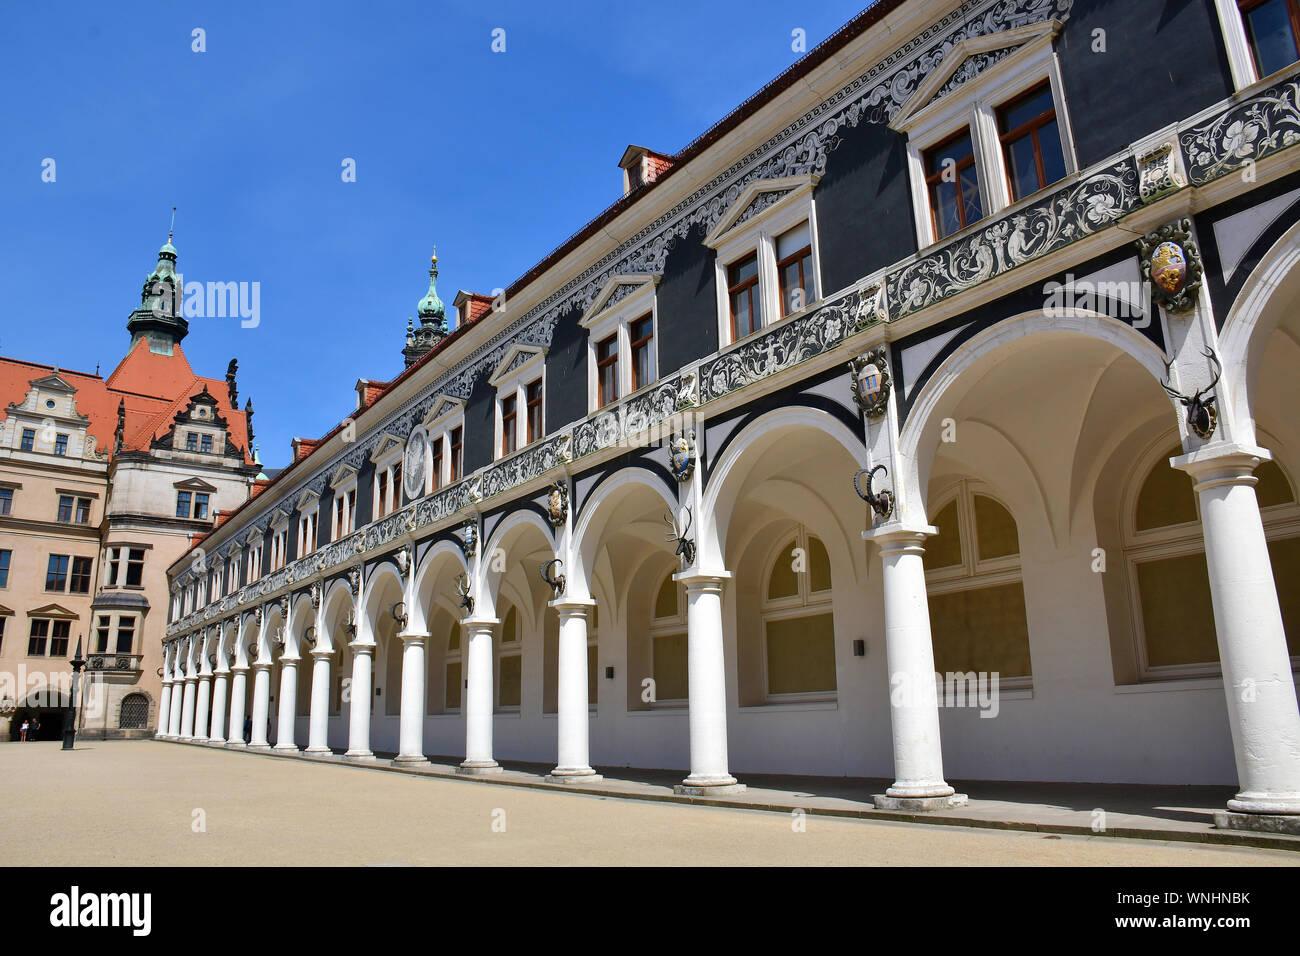 Dresden Castle or Royal Palace, Dresdner Residenzschloss or Dresdner Schloss, Dresden, Germany, Europe Stock Photo